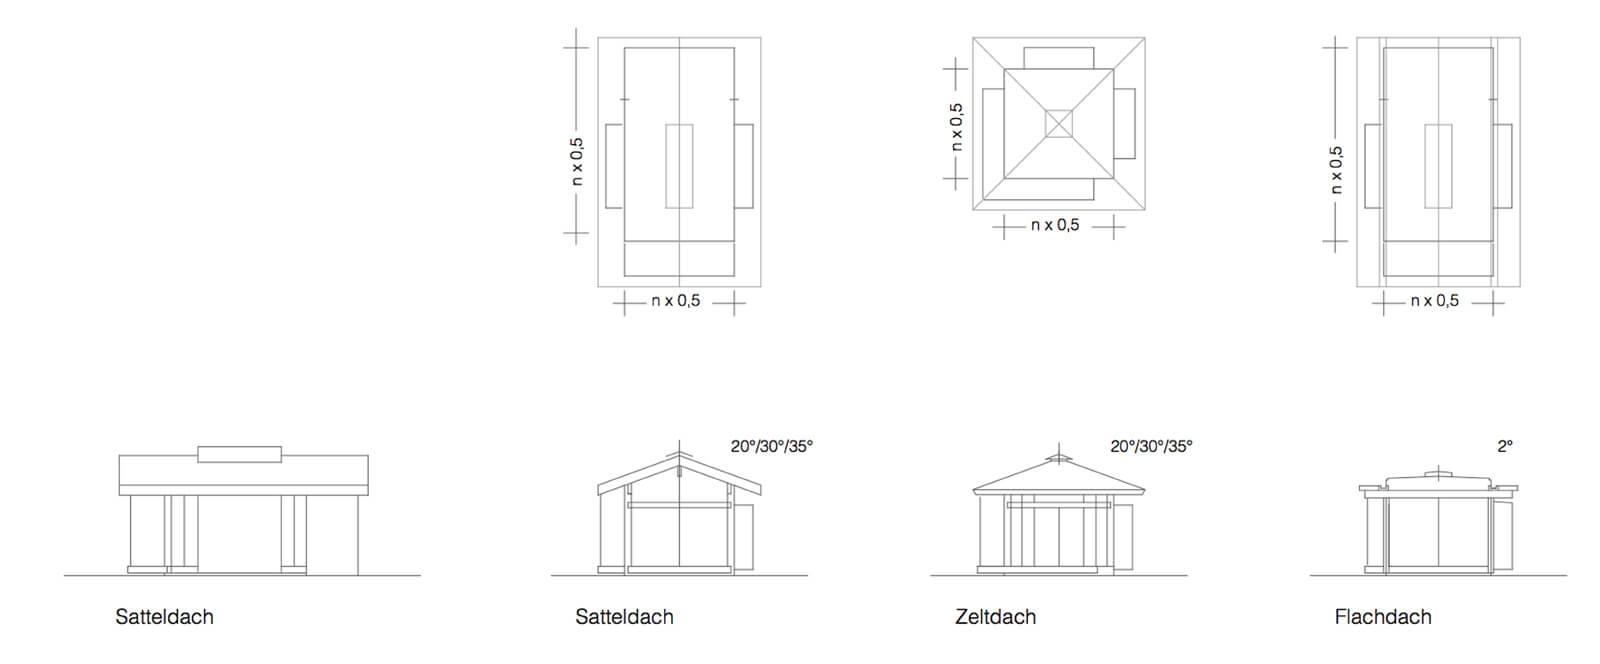 Ausgezeichnet Mono Satteldach Framing Zeitgenössisch ...